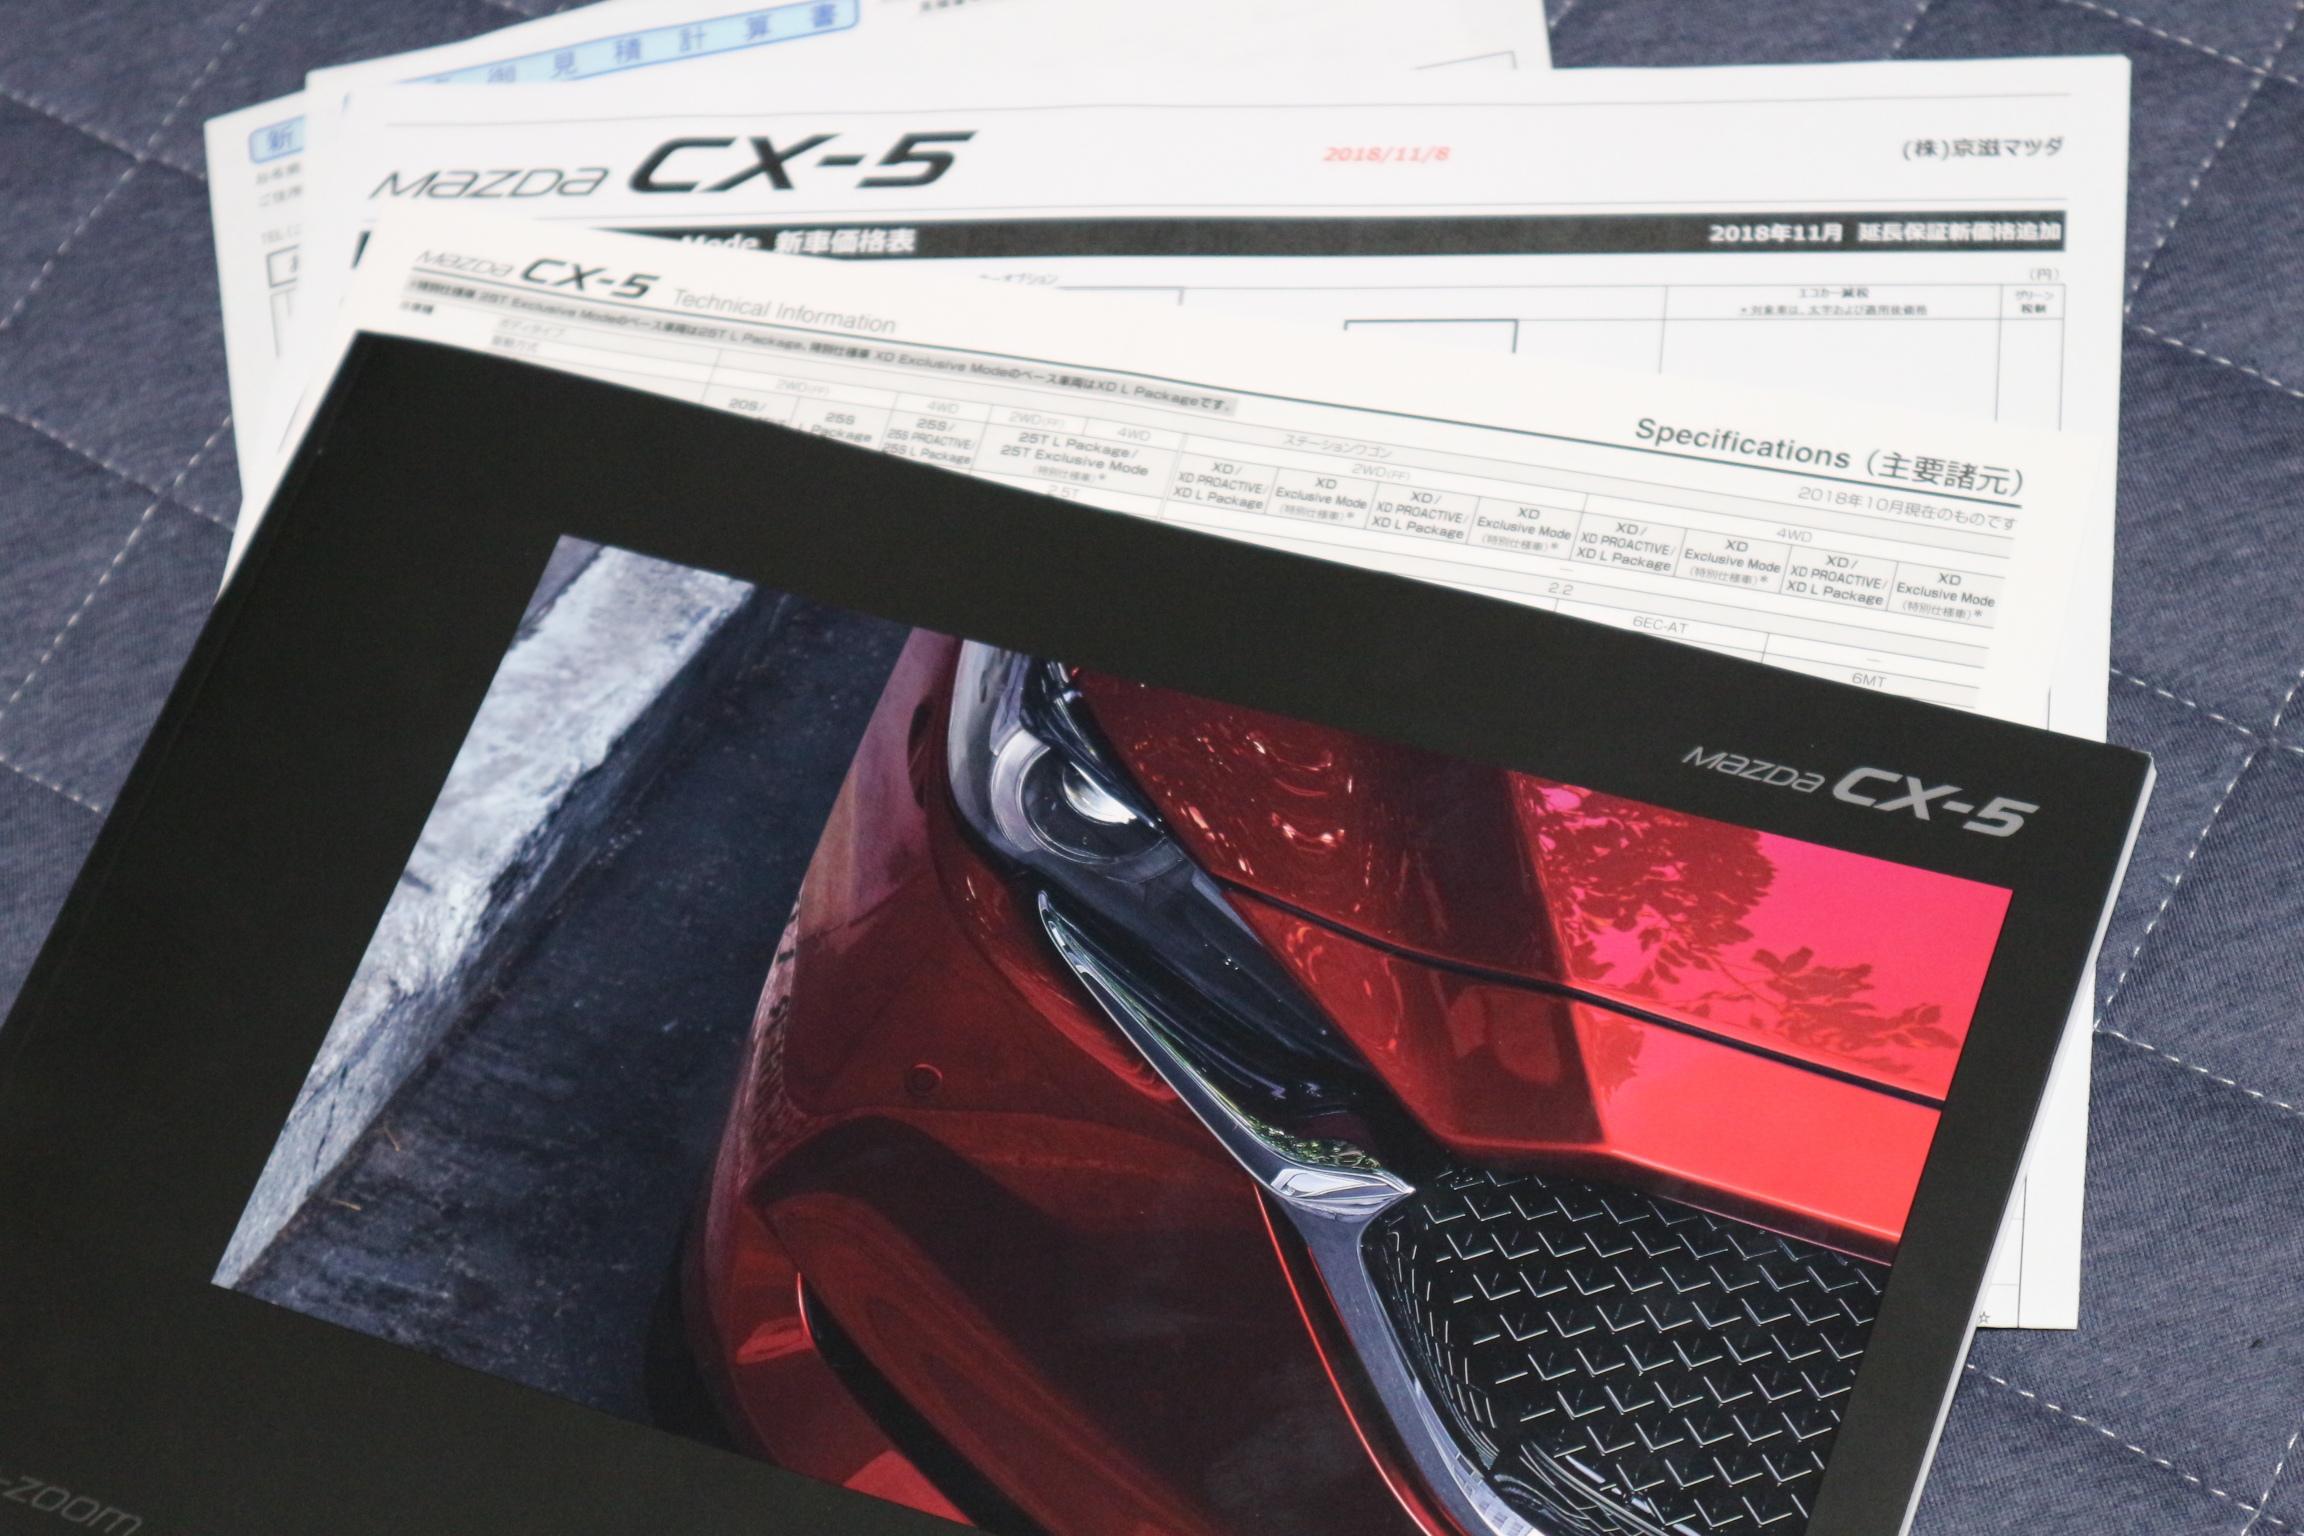 CX57.jpg